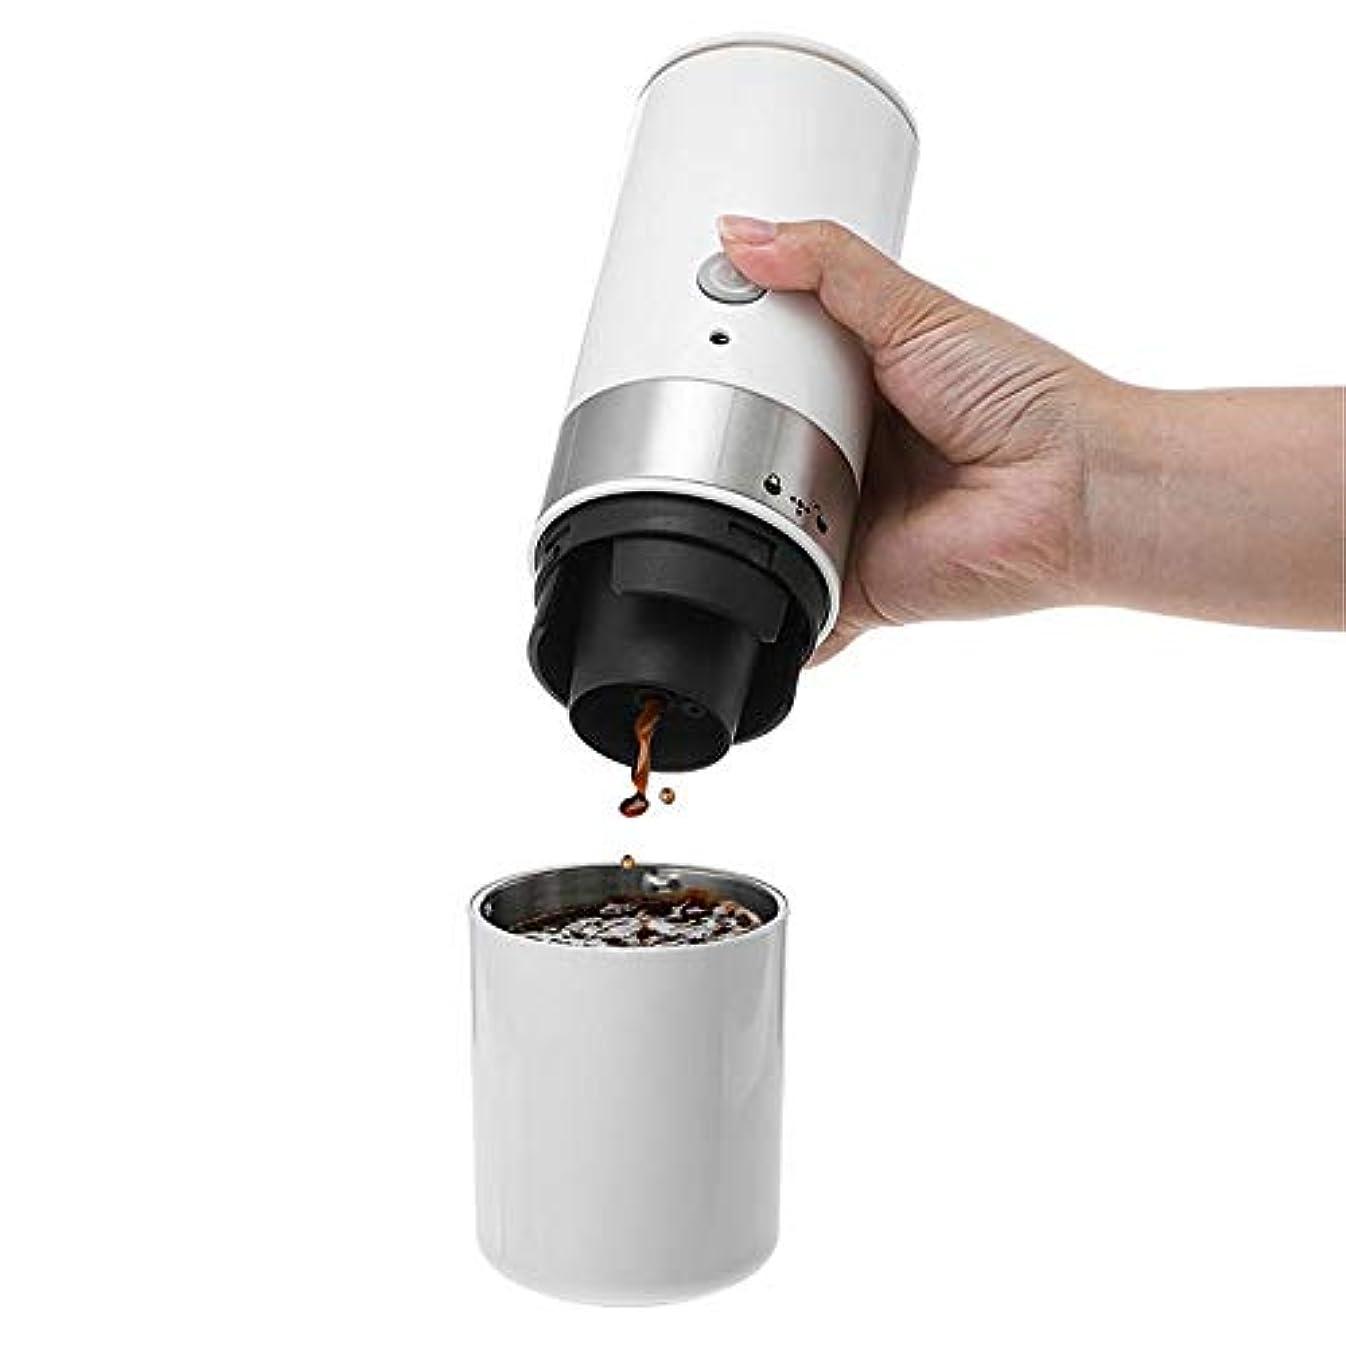 ドライバチーター分散コーヒーマシン エスプレッソメーカー コーヒーメーカーマシンミニ電動ポータブルコーヒーメーカーエスプレッソハンドヘルド機を使用するためのシンプルな 業務用 (Color : White, Size : One size)